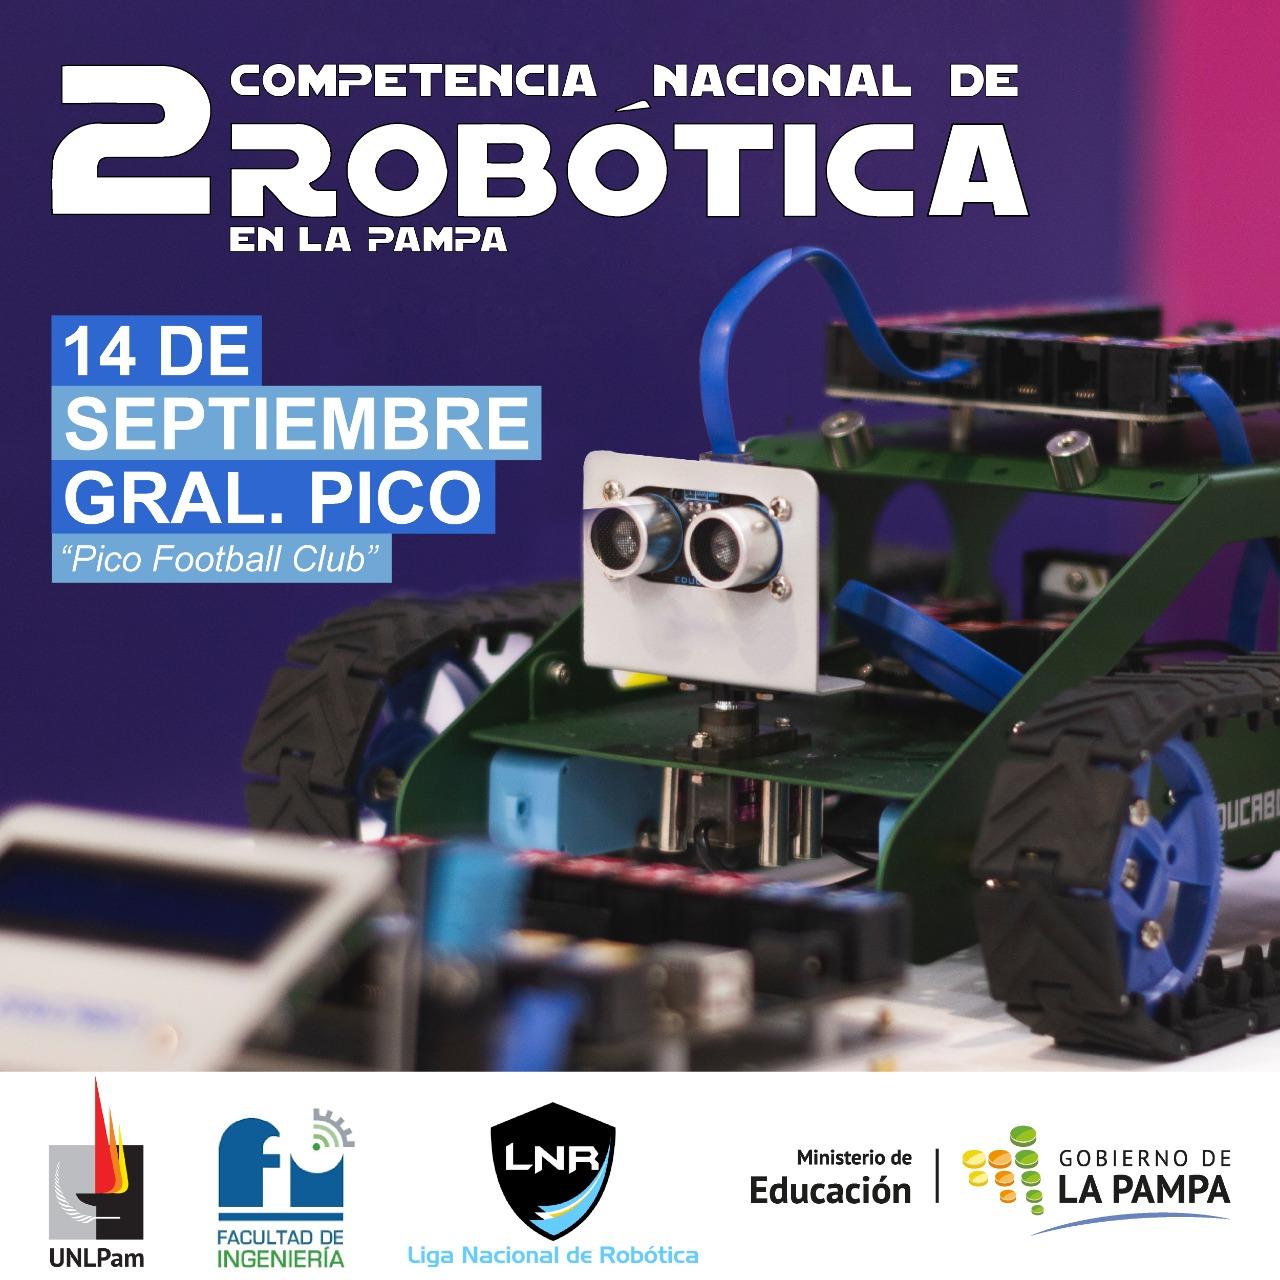 Robótica: La Pampa sede nacional